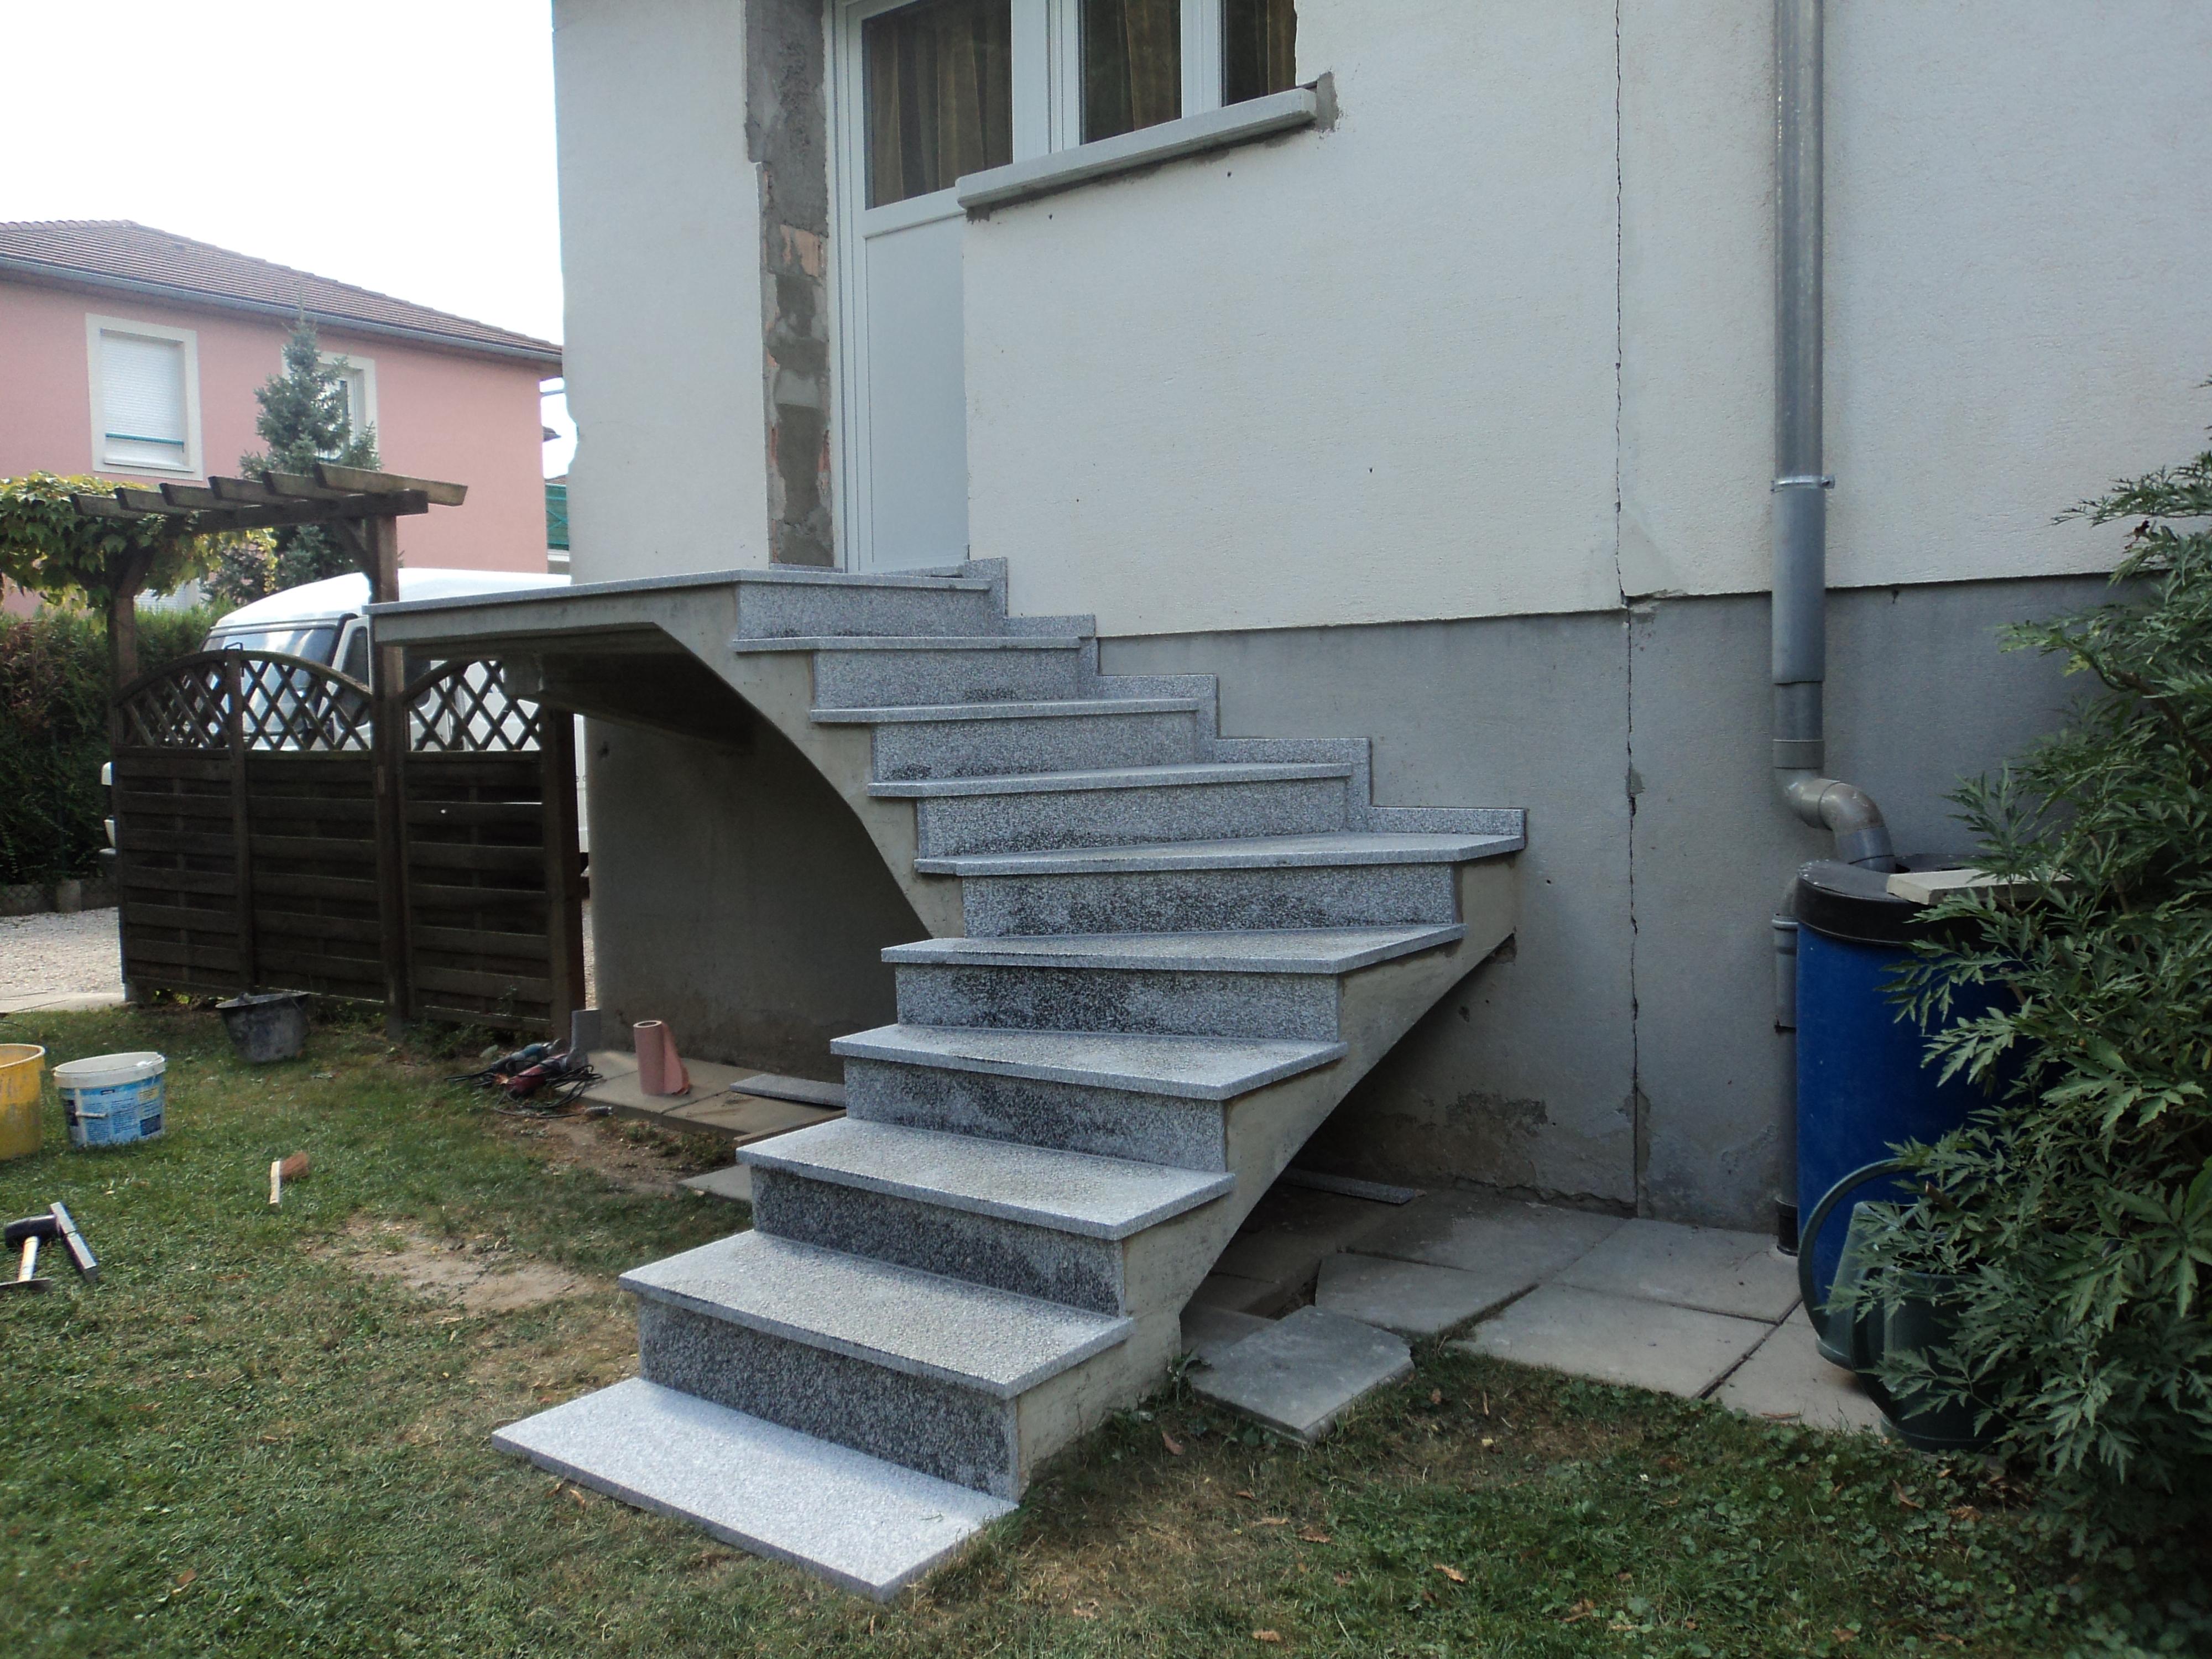 escalier en granit, flammé, antidérapant, gris clair, gris du tarn, granit français. chantier en Alsace, Mulhouse, Altkirch, Guebwiller, Ensisheim, Saint Louis, Colmar